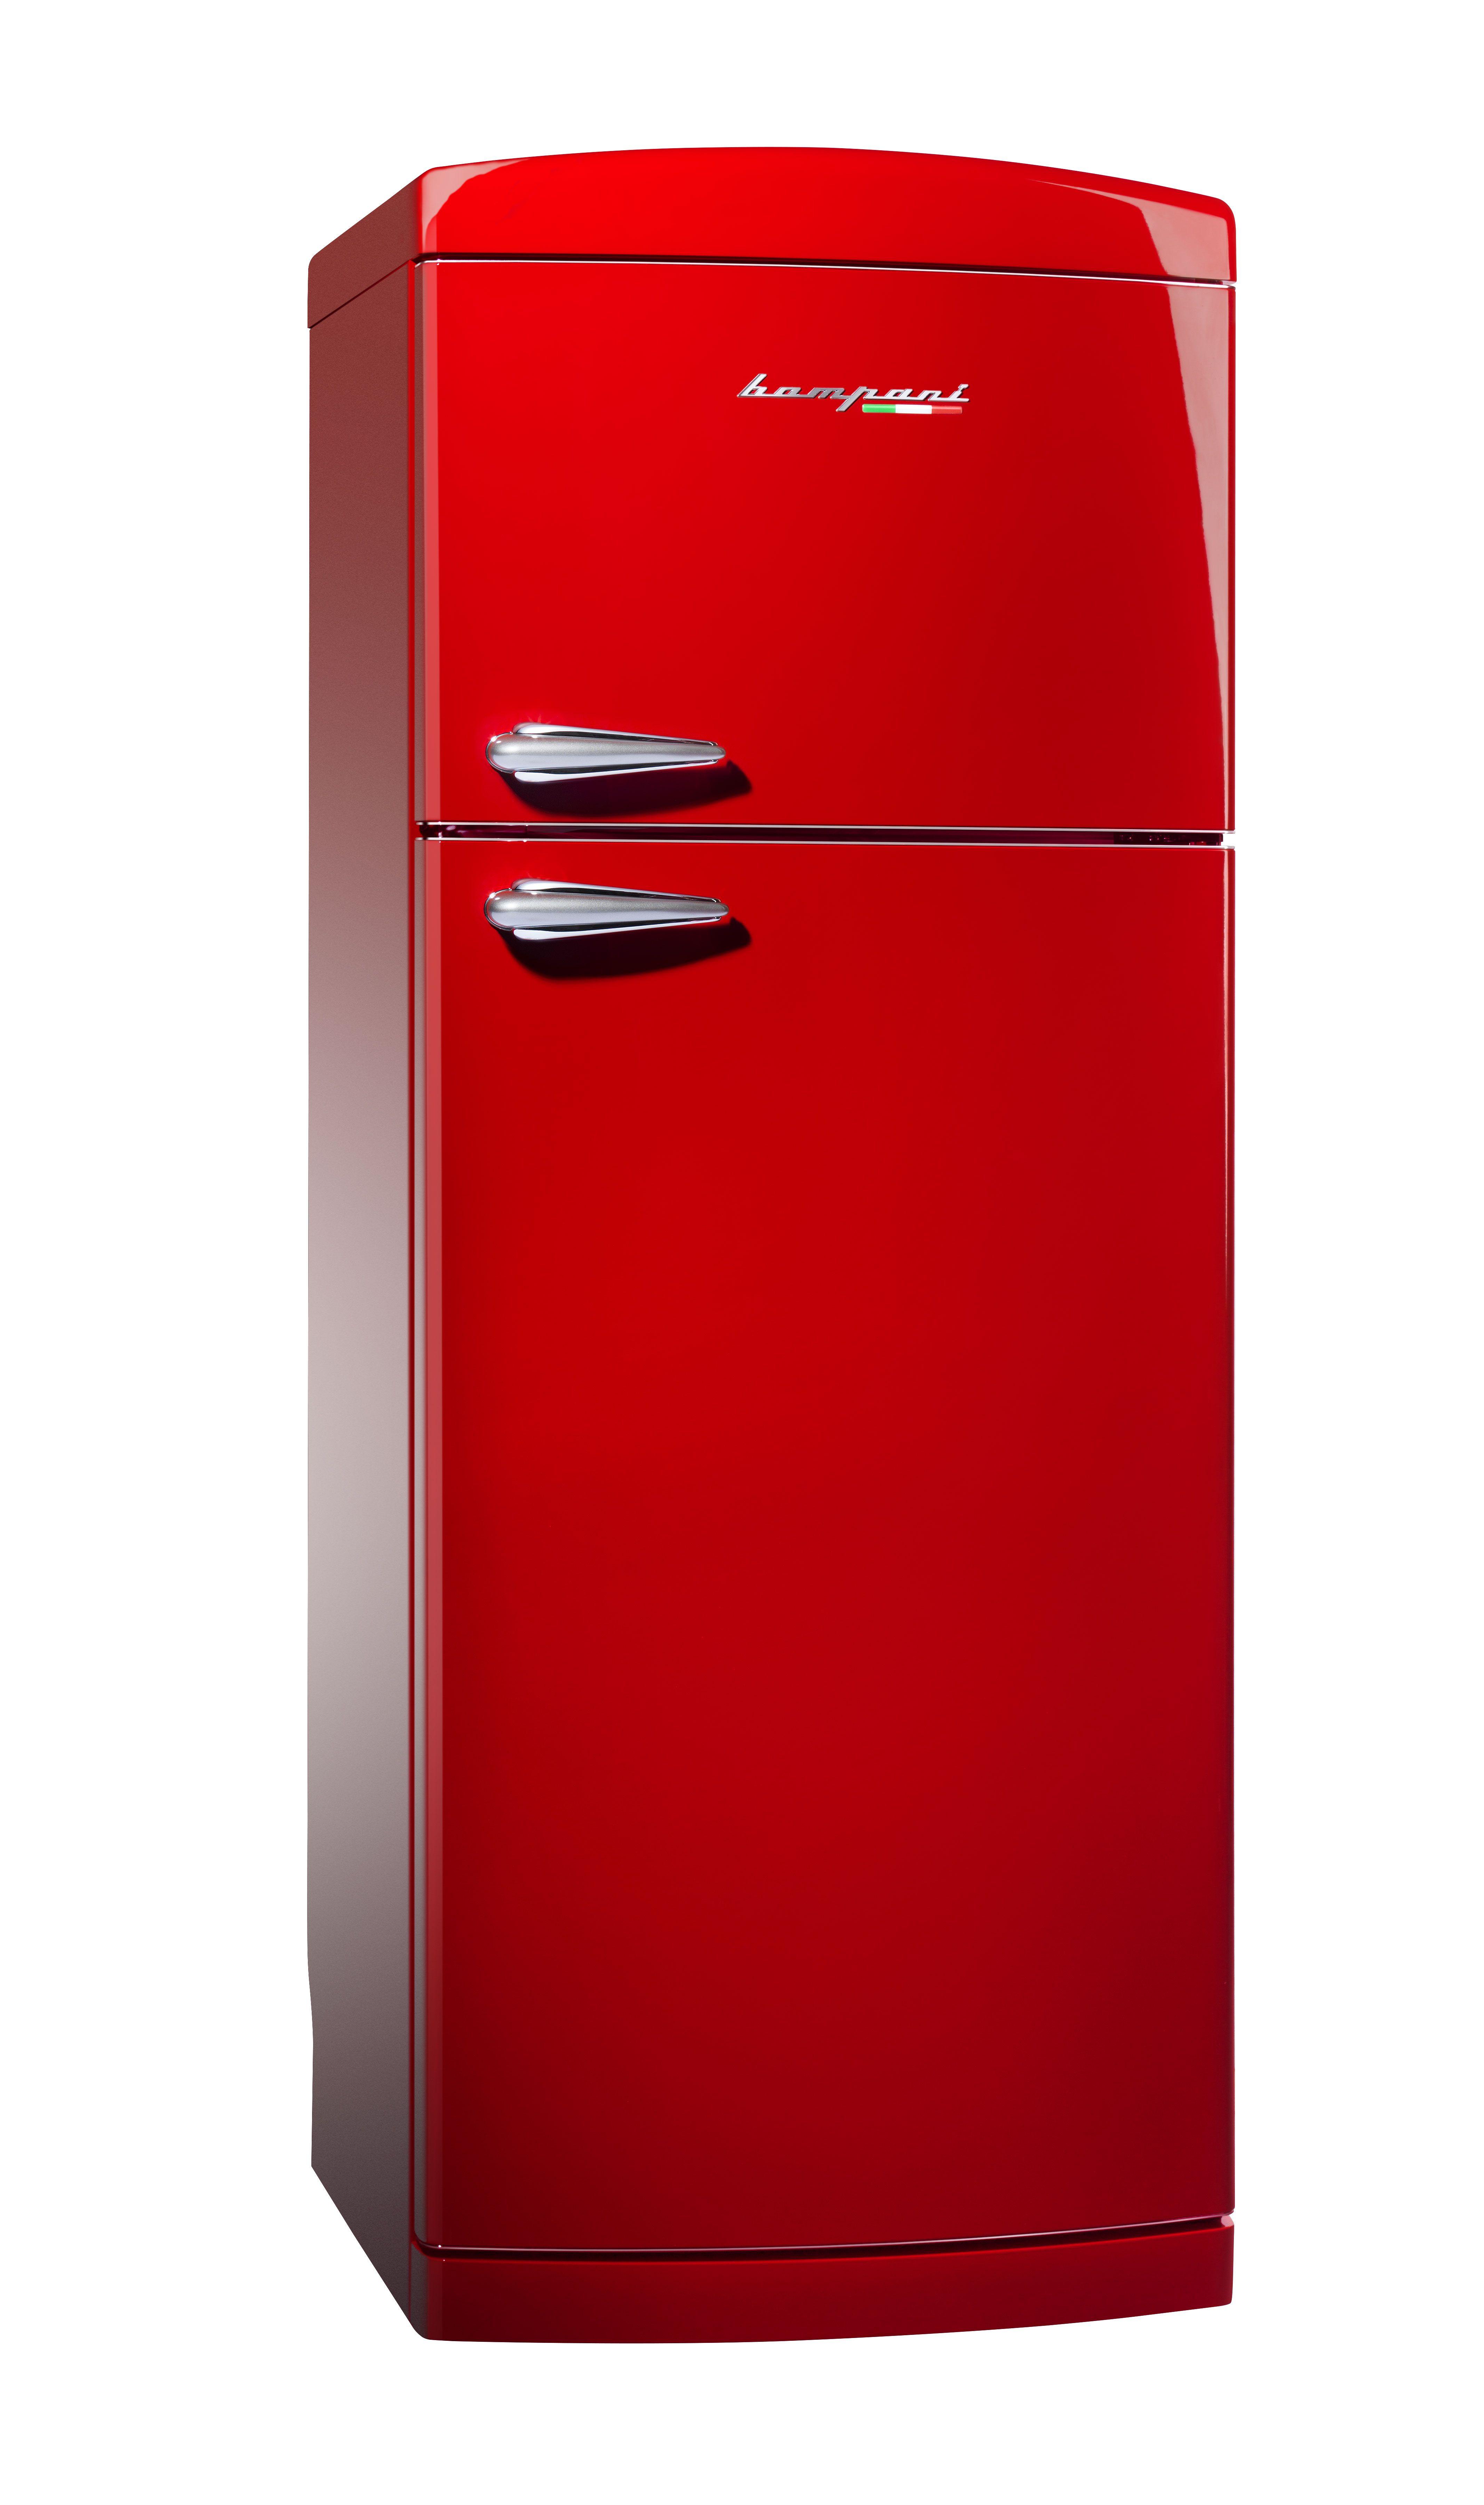 in arrivo il nuovo frigo doppia porta retr 70cm no frost rosso bodp740 r solo da bompani. Black Bedroom Furniture Sets. Home Design Ideas